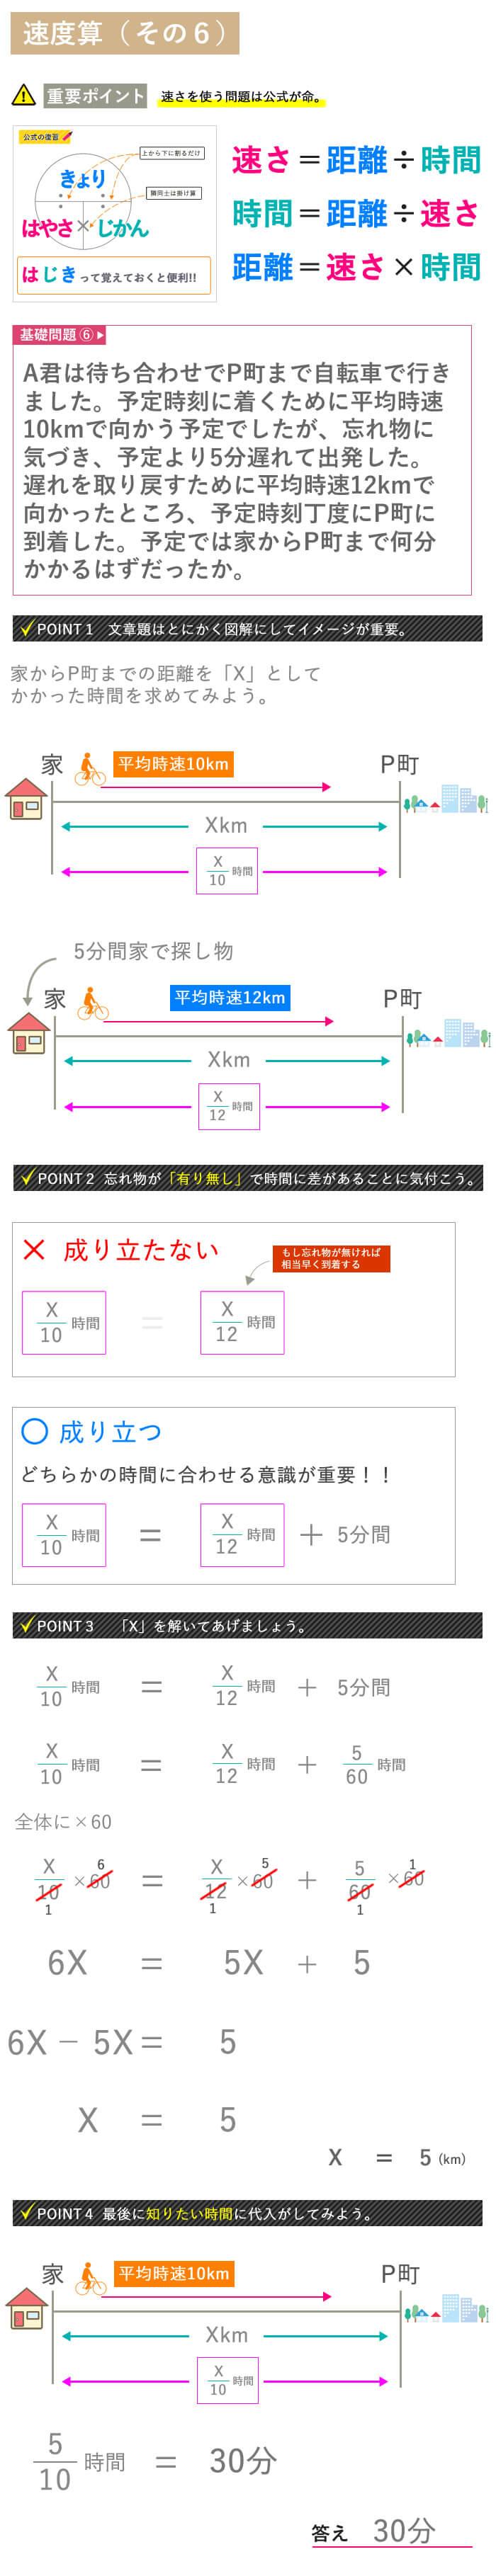 看護予備校大阪KAZアカデミーの看護数学【速度算 図解説明その6】